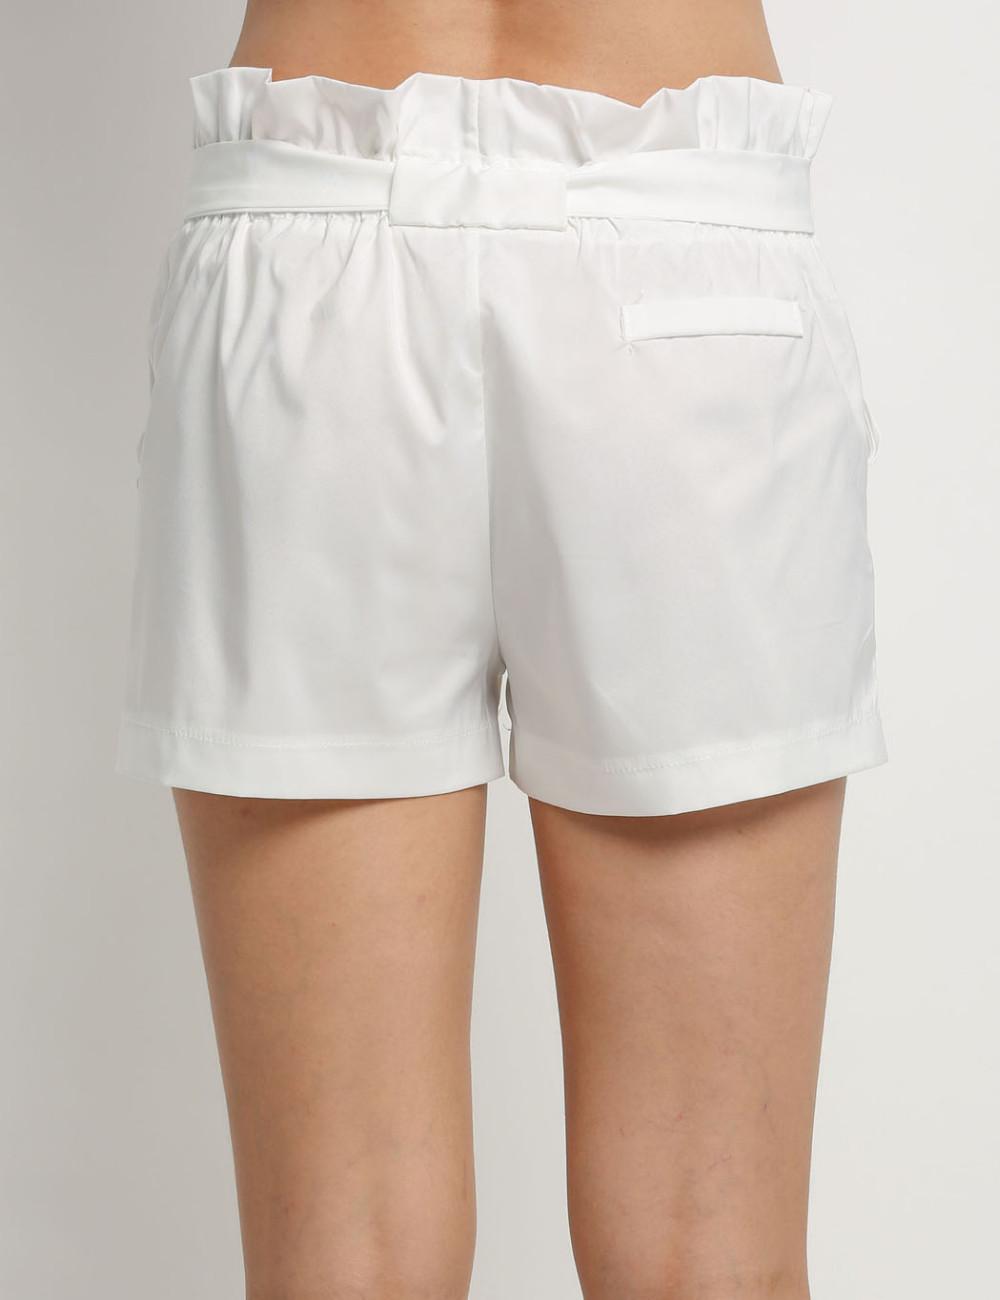 high waist shorts women (14)